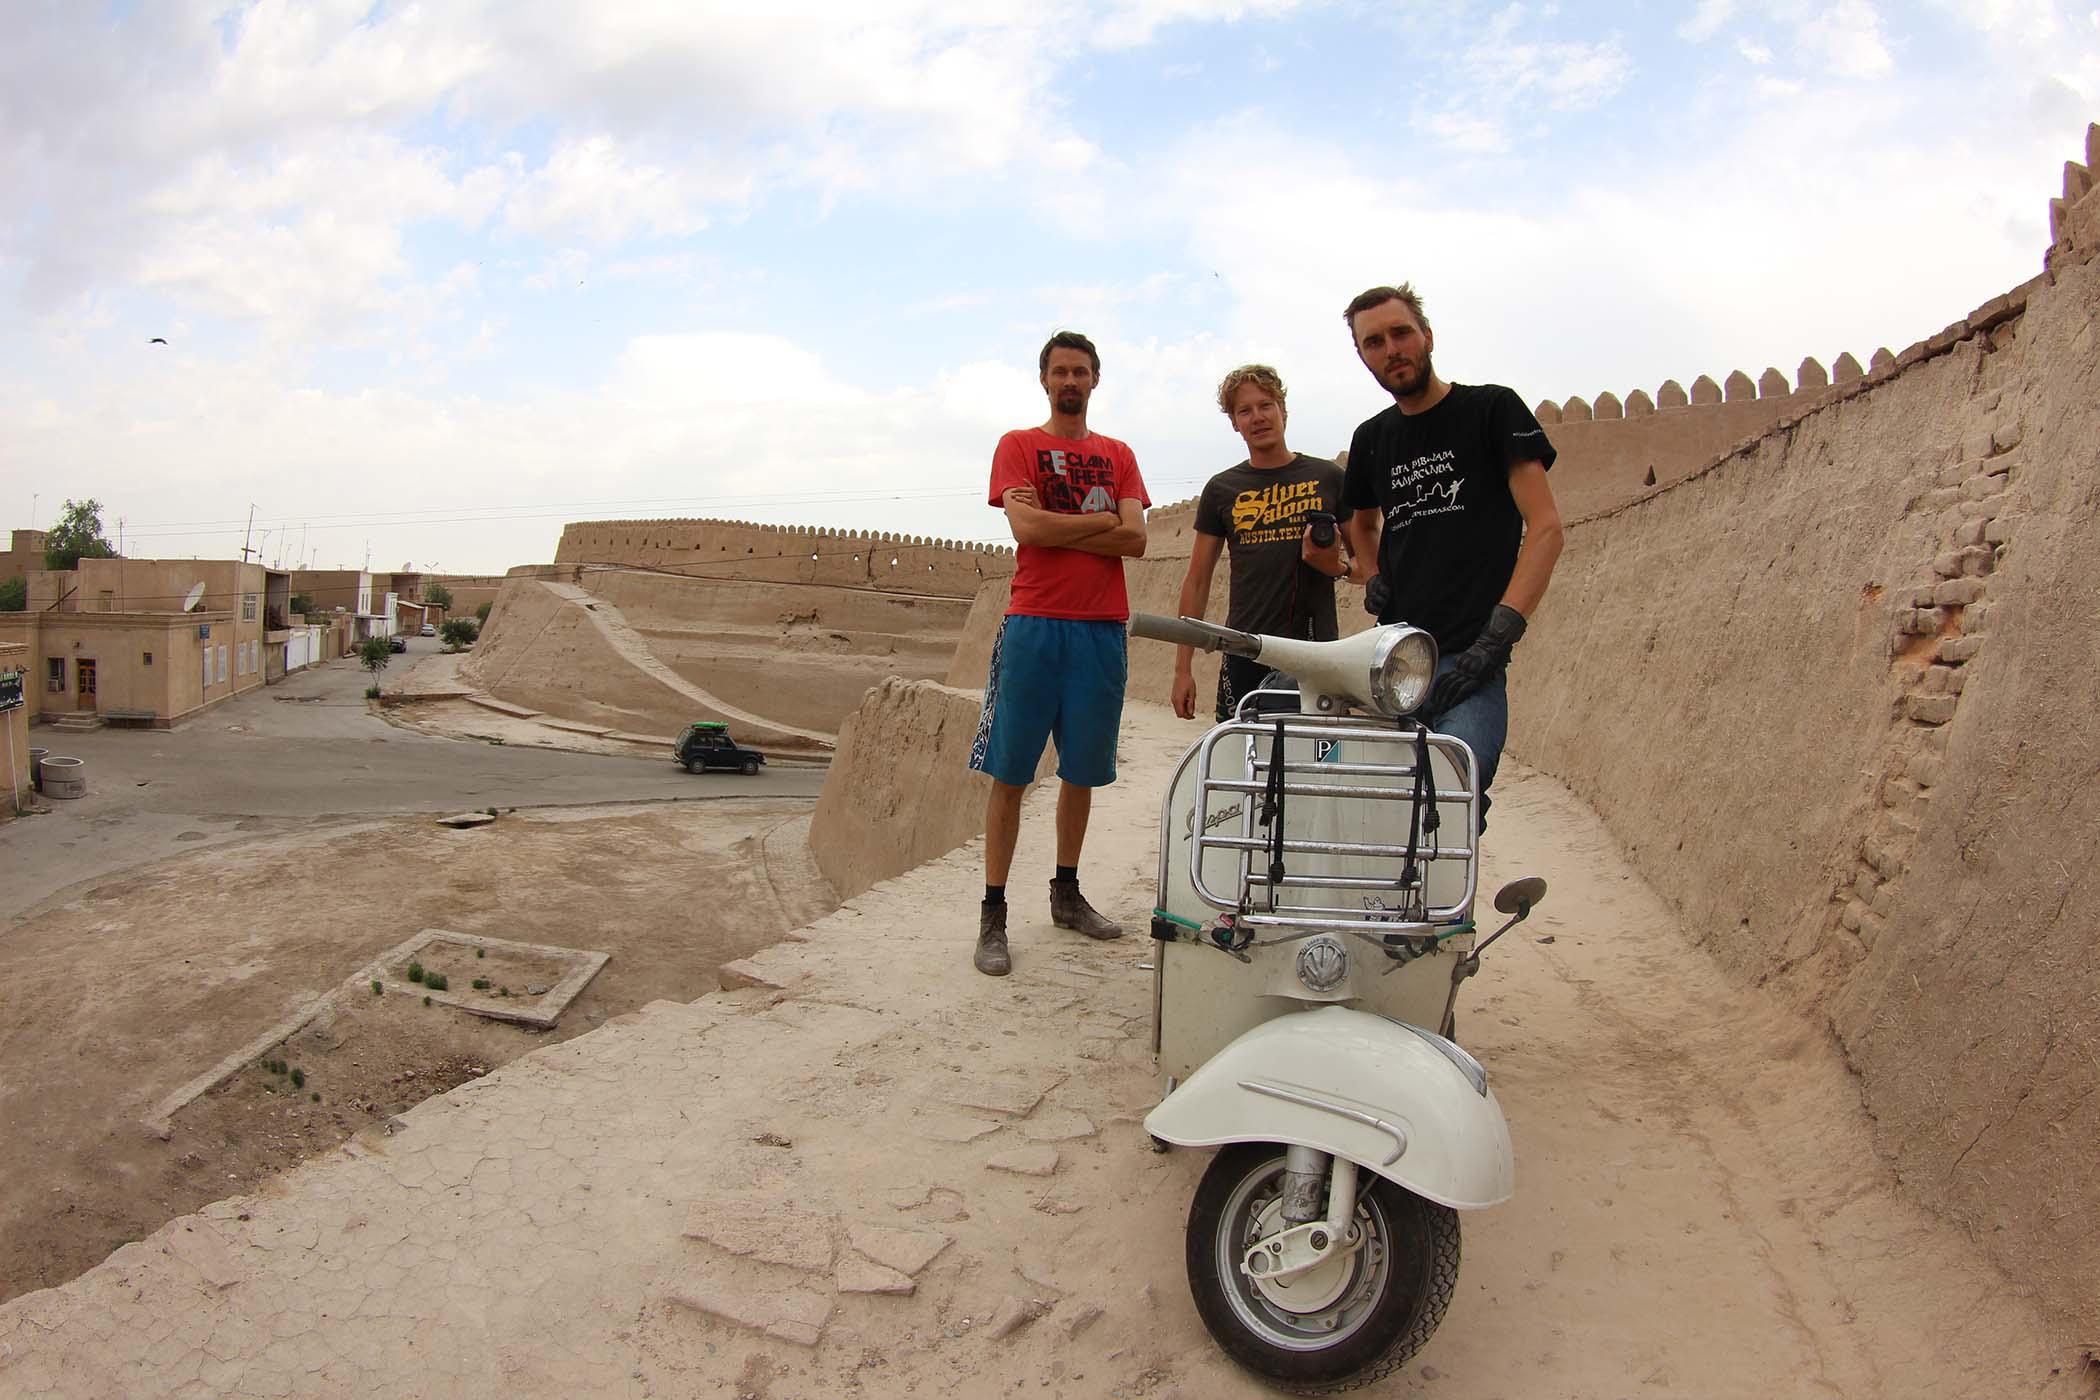 City wall in Khiva Oezbekistan